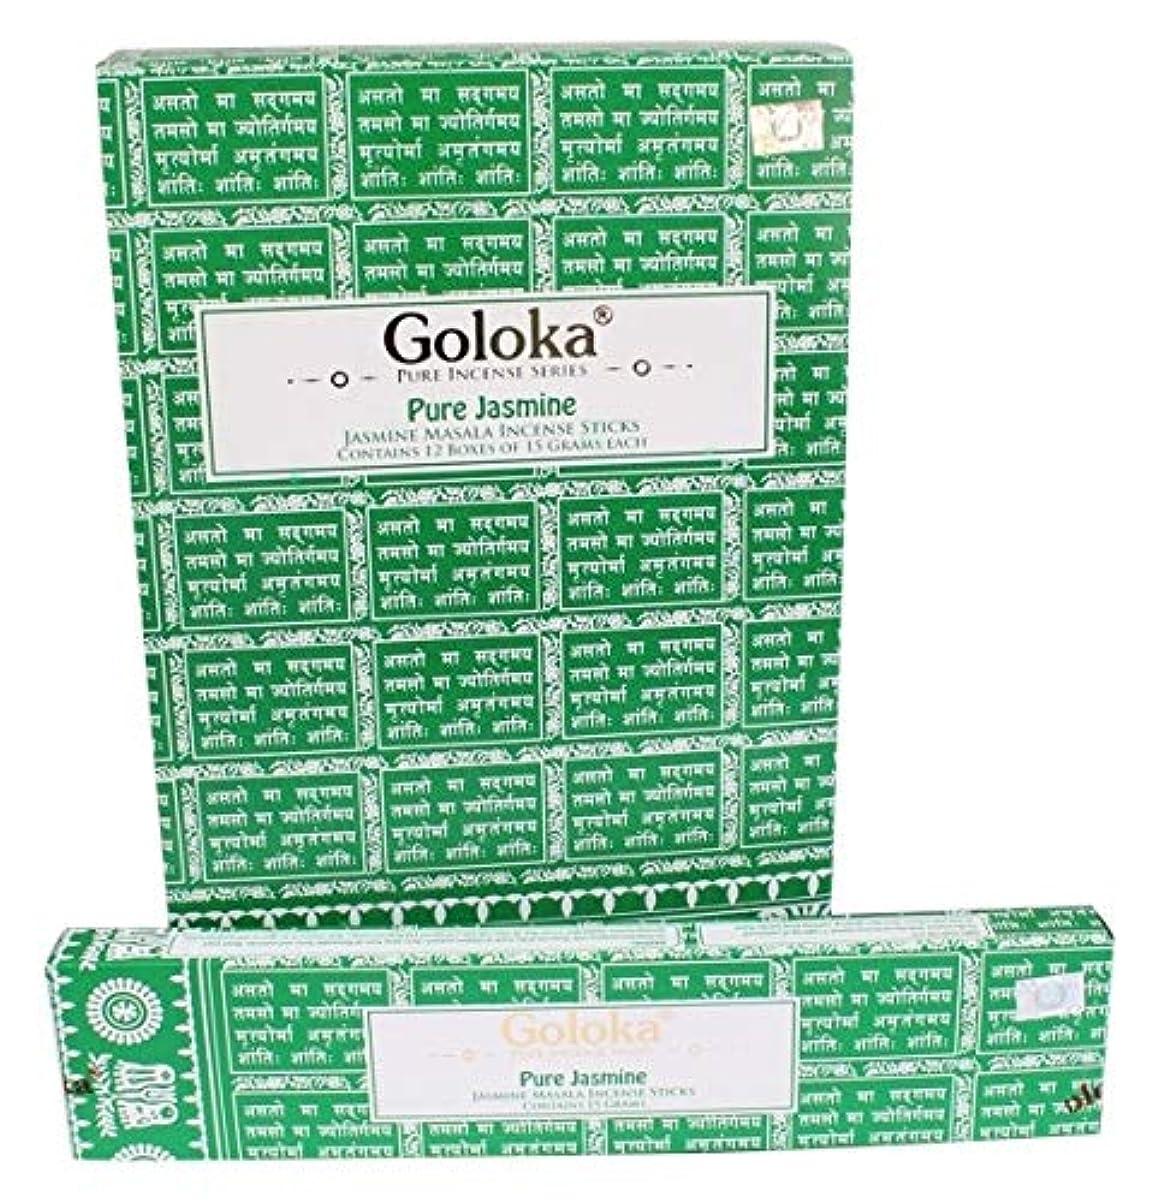 物理的に実現可能性組み込むGoloka – Pureジャスミン – Jasmine Incense Sticks – 12ボックスの15グラム合計180グラム